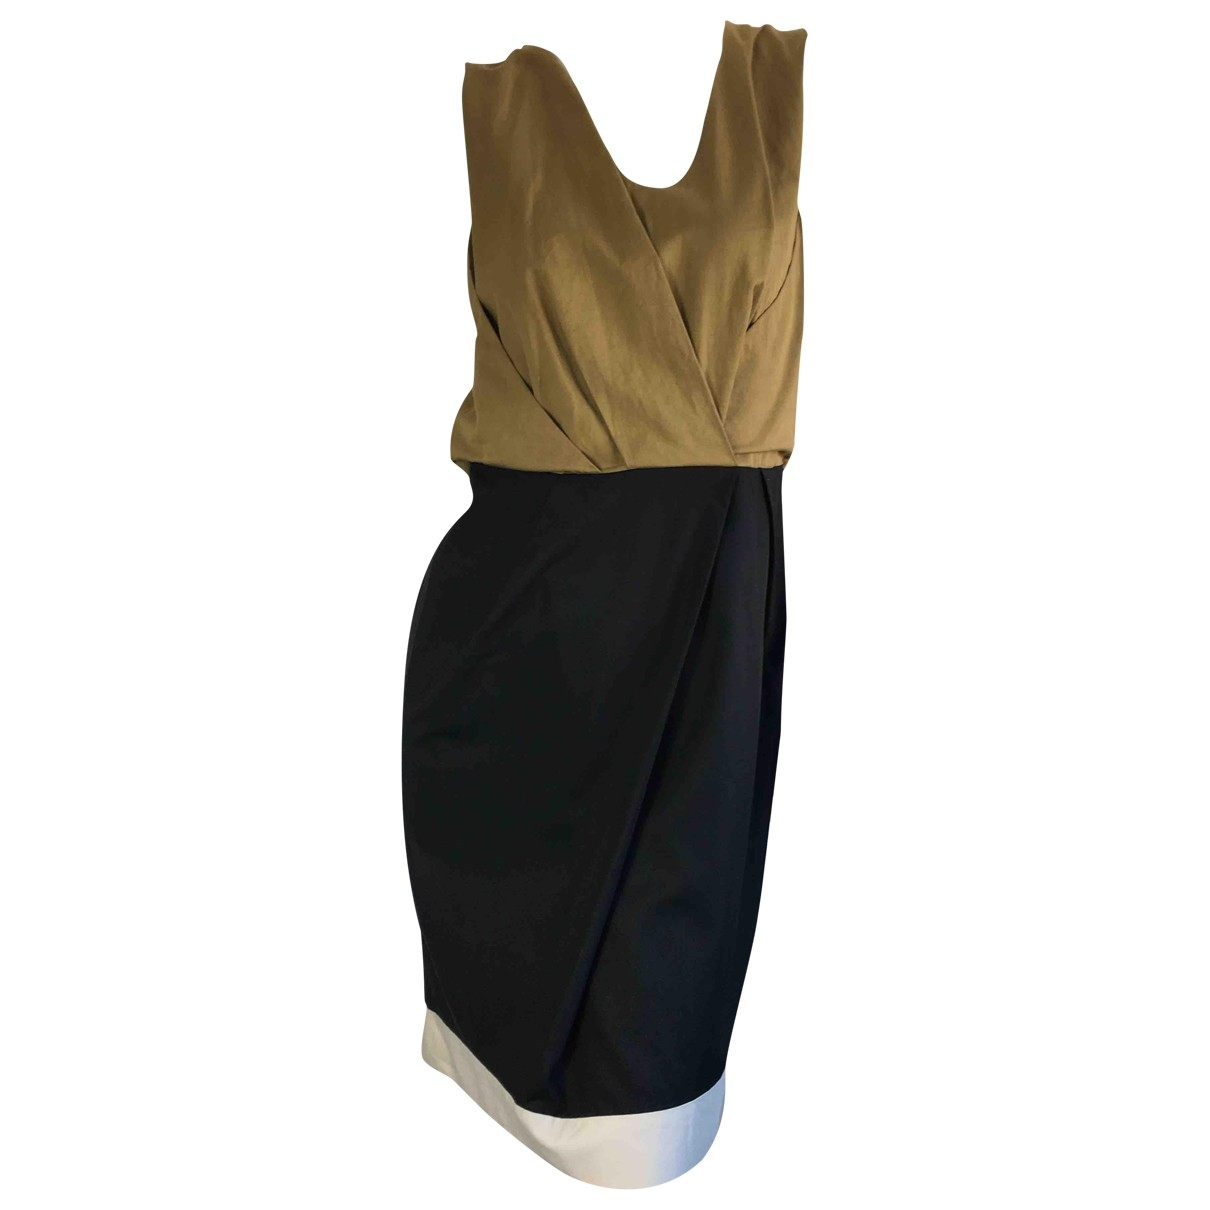 Dries Van Noten \N Kleid in  Bunt Baumwolle